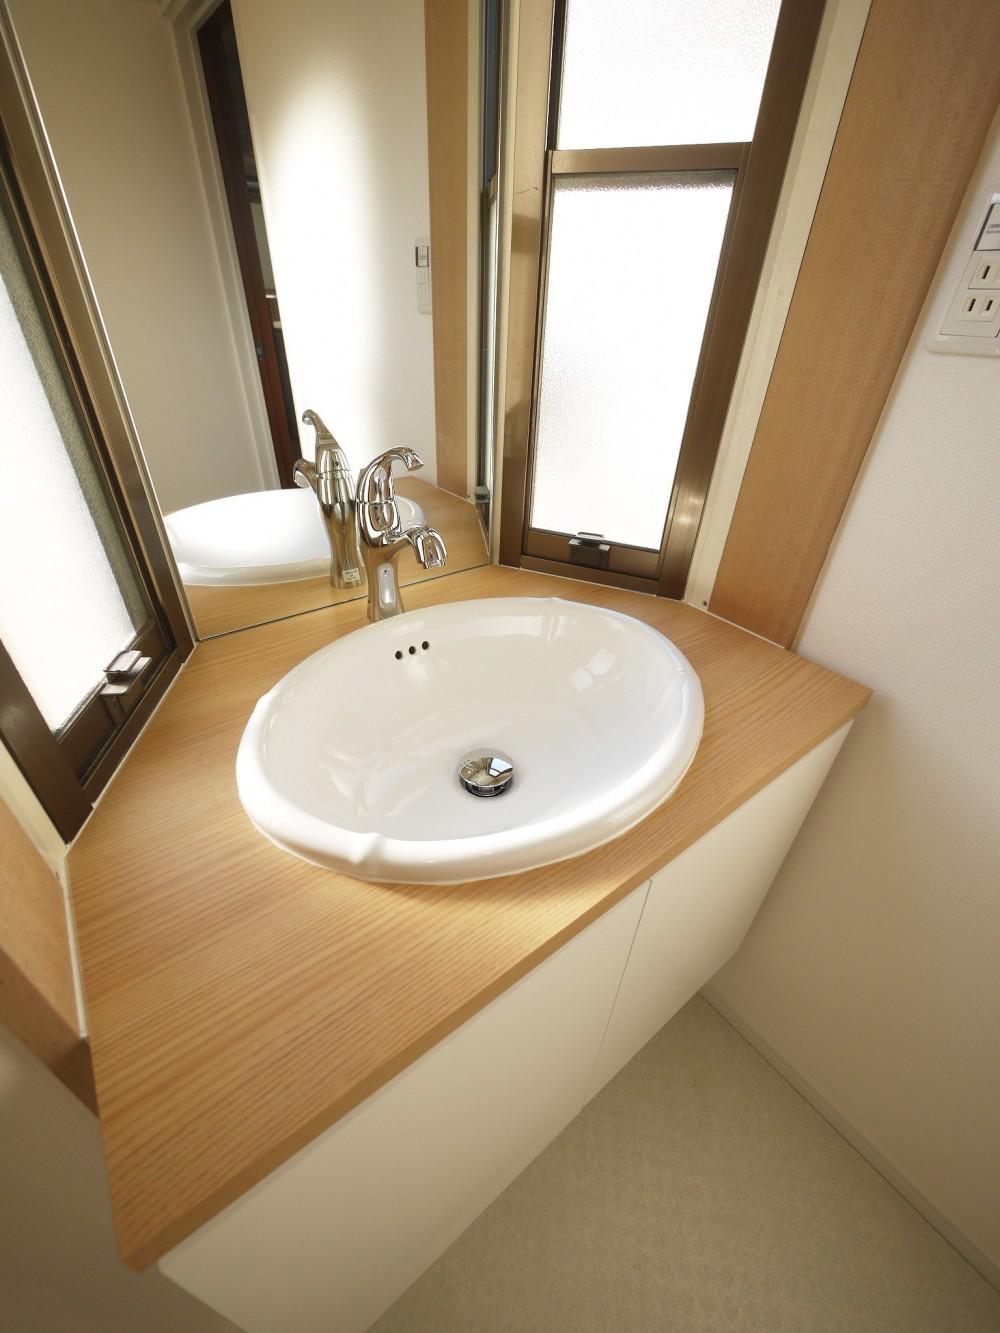 戸建の和室をオープンな空間に (洗面台)